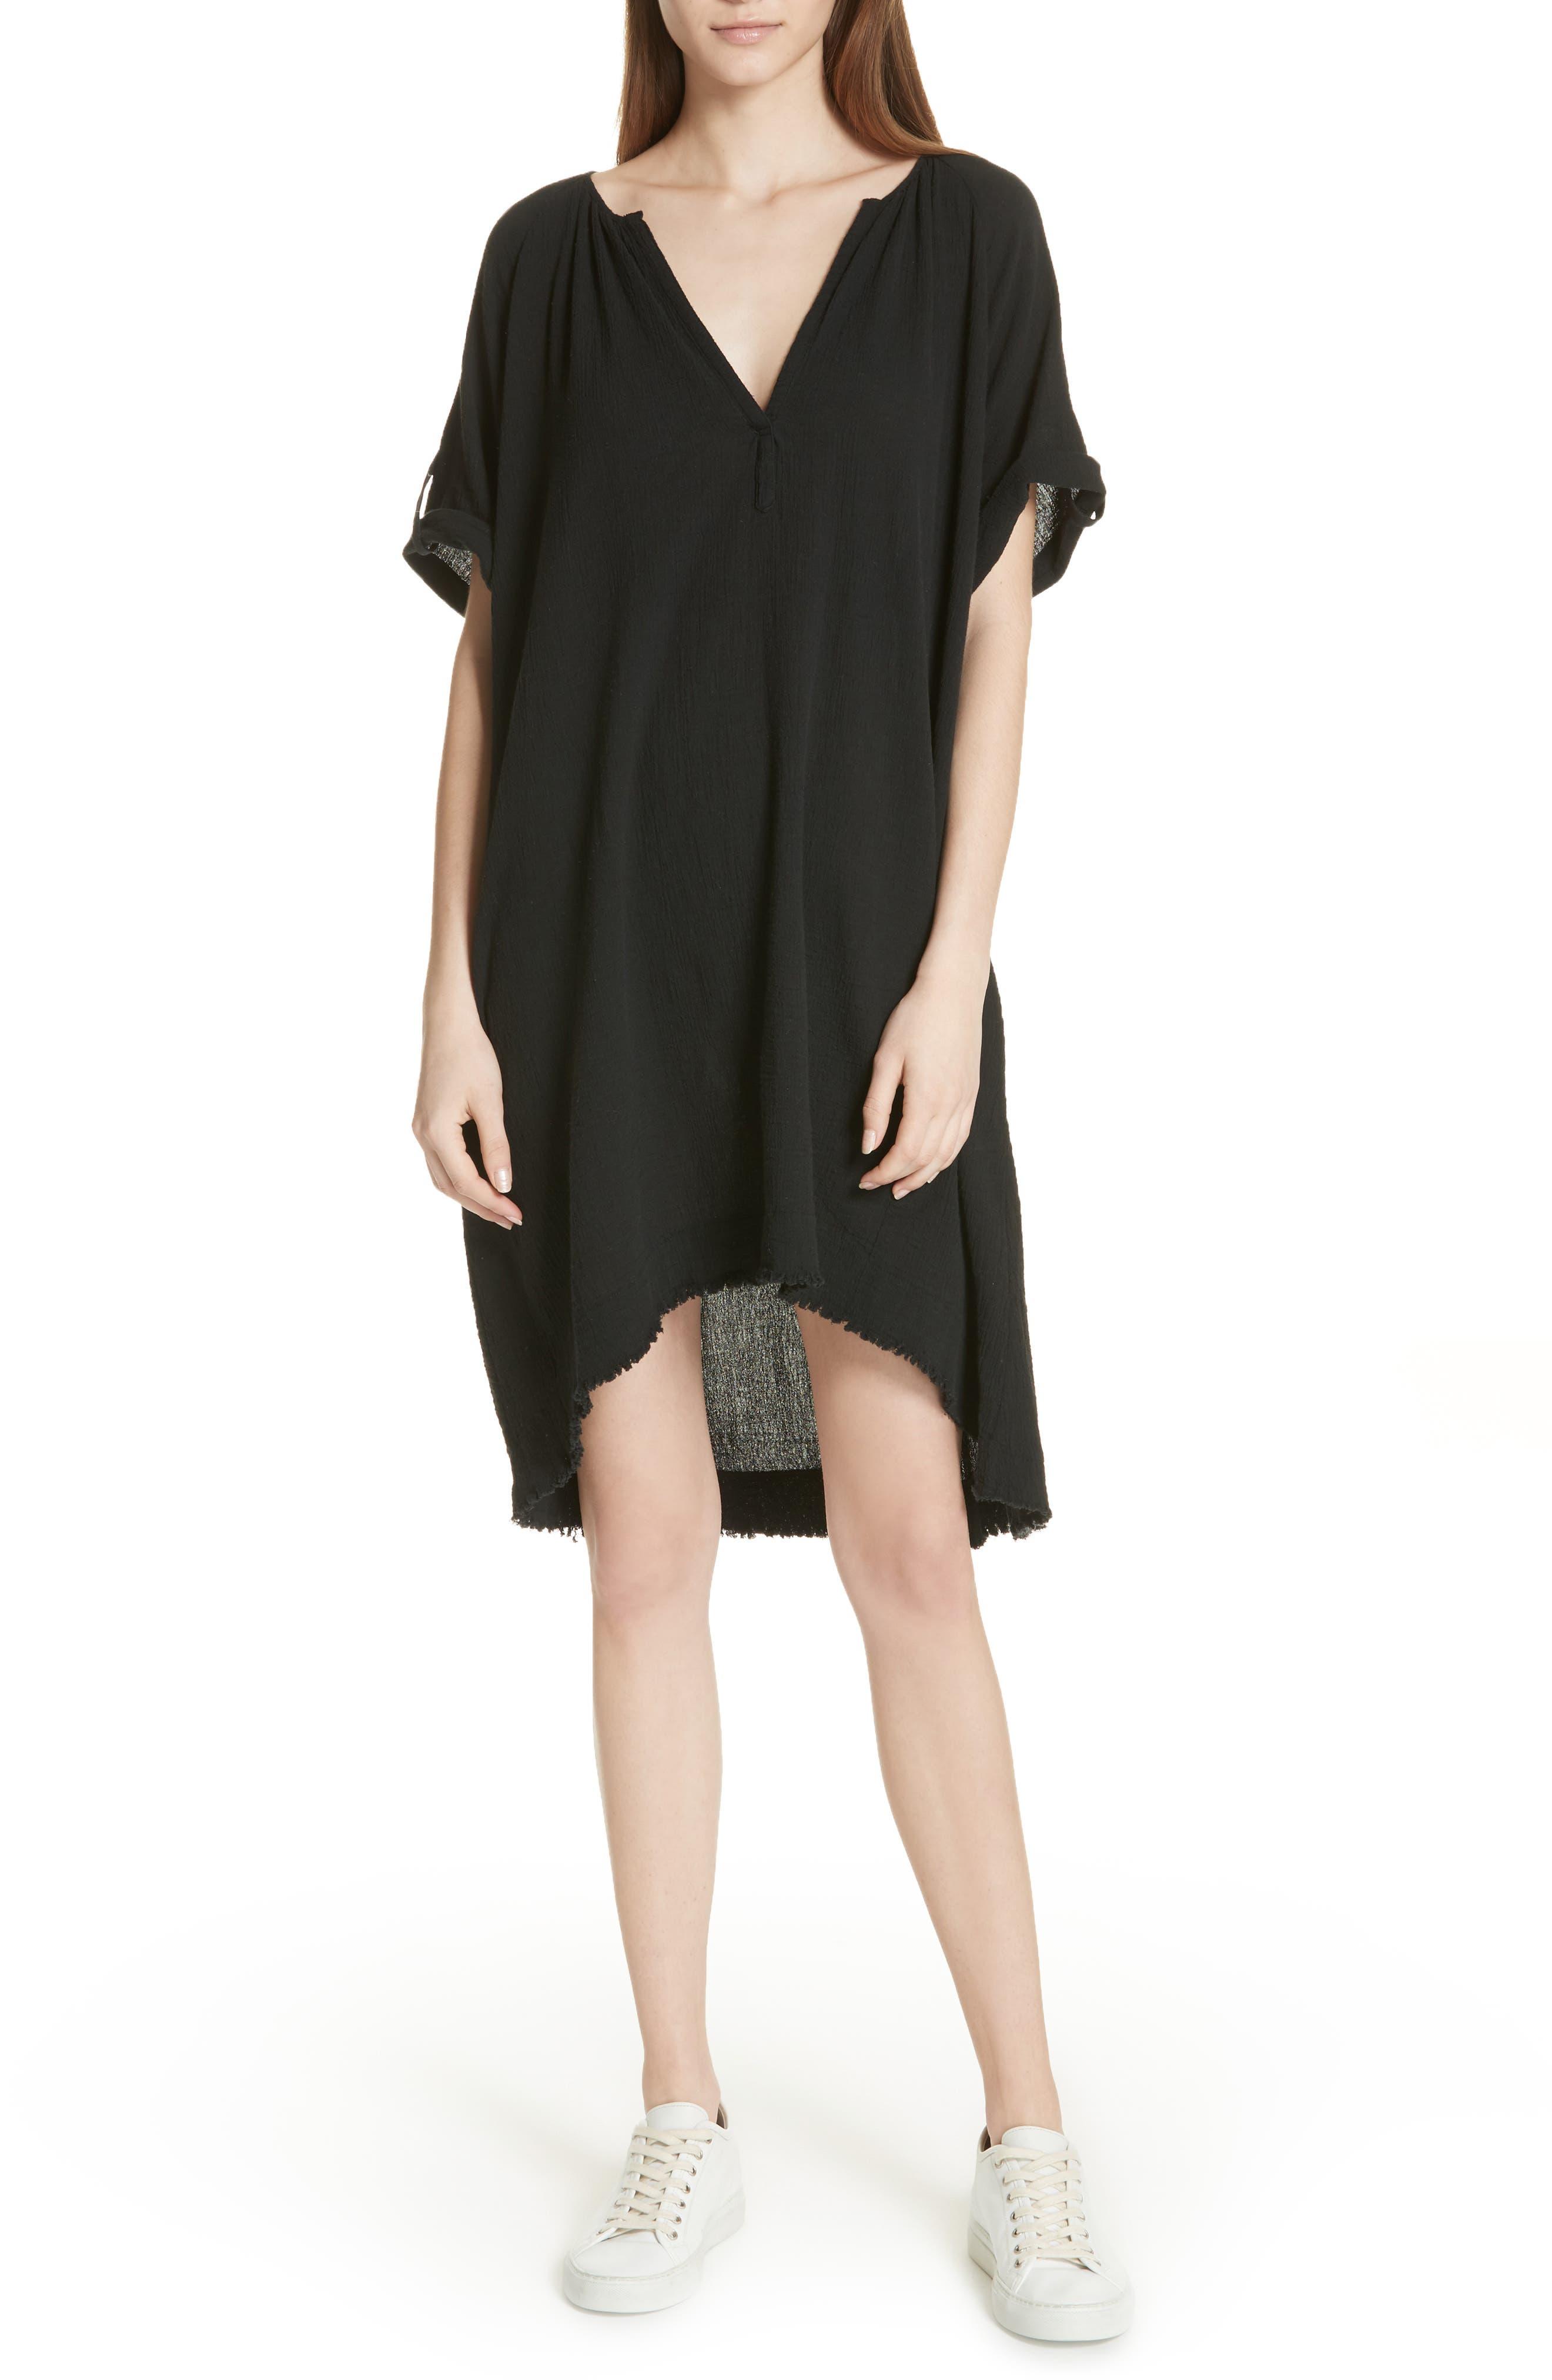 Alternate Image 1 Selected - ATM Anthony Thomas Melillo Gauze Dress